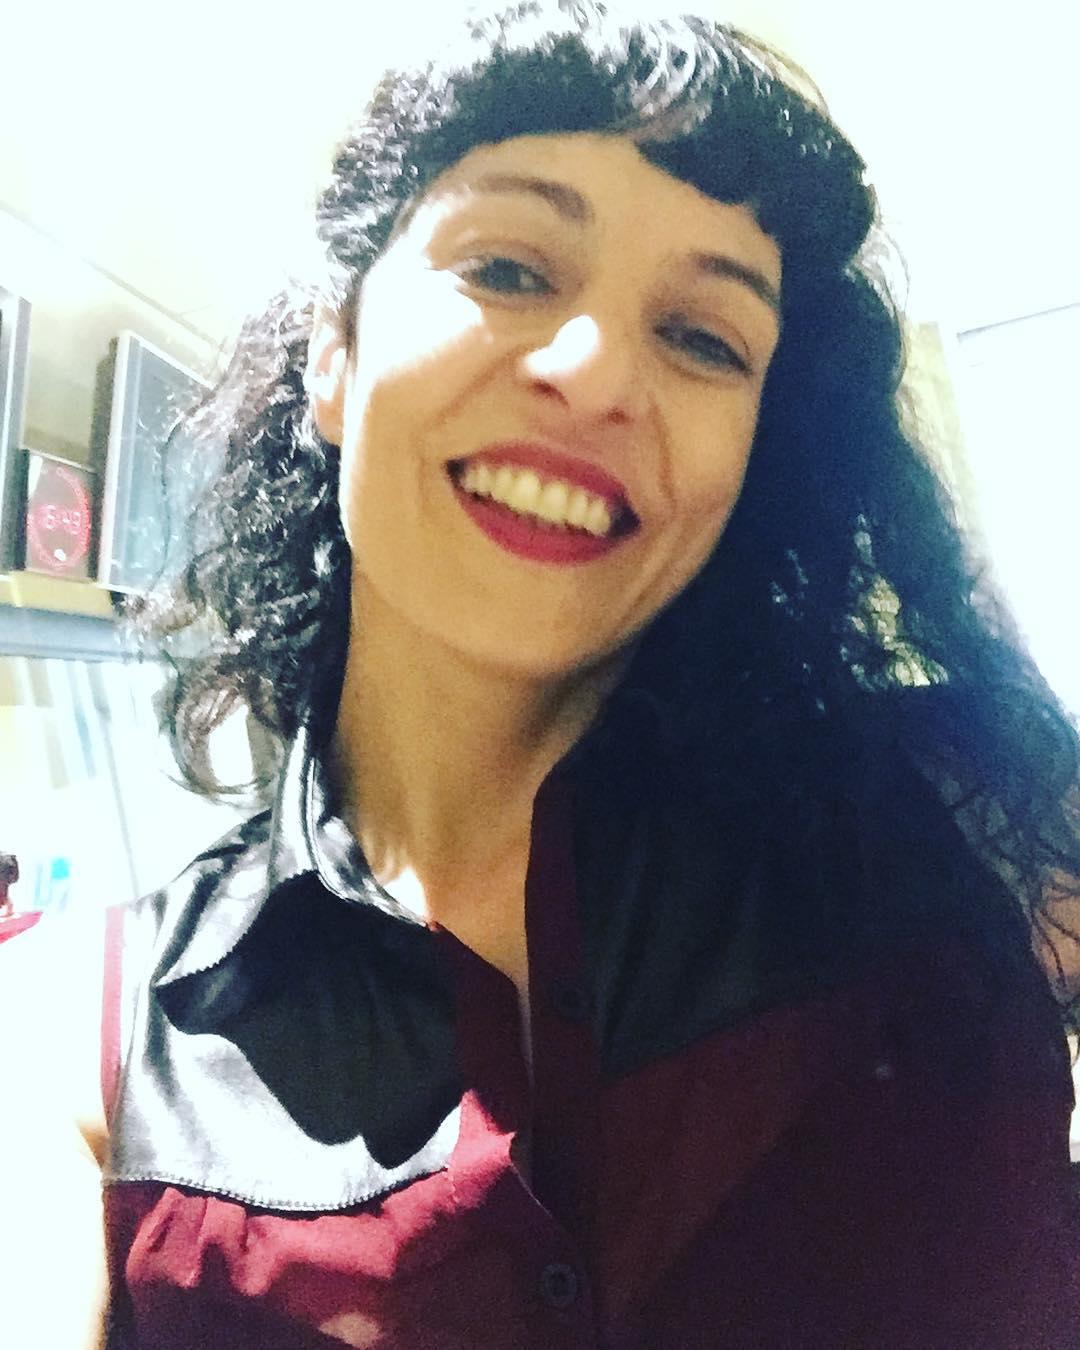 """Ara, no us perdeu l'#anemdetarda de #radio4 de #rne! A les 17h, en @goyoprados m'entrevista per parlar de la novel·la """"Asja"""" #asjalacis & #walterbenjamin"""